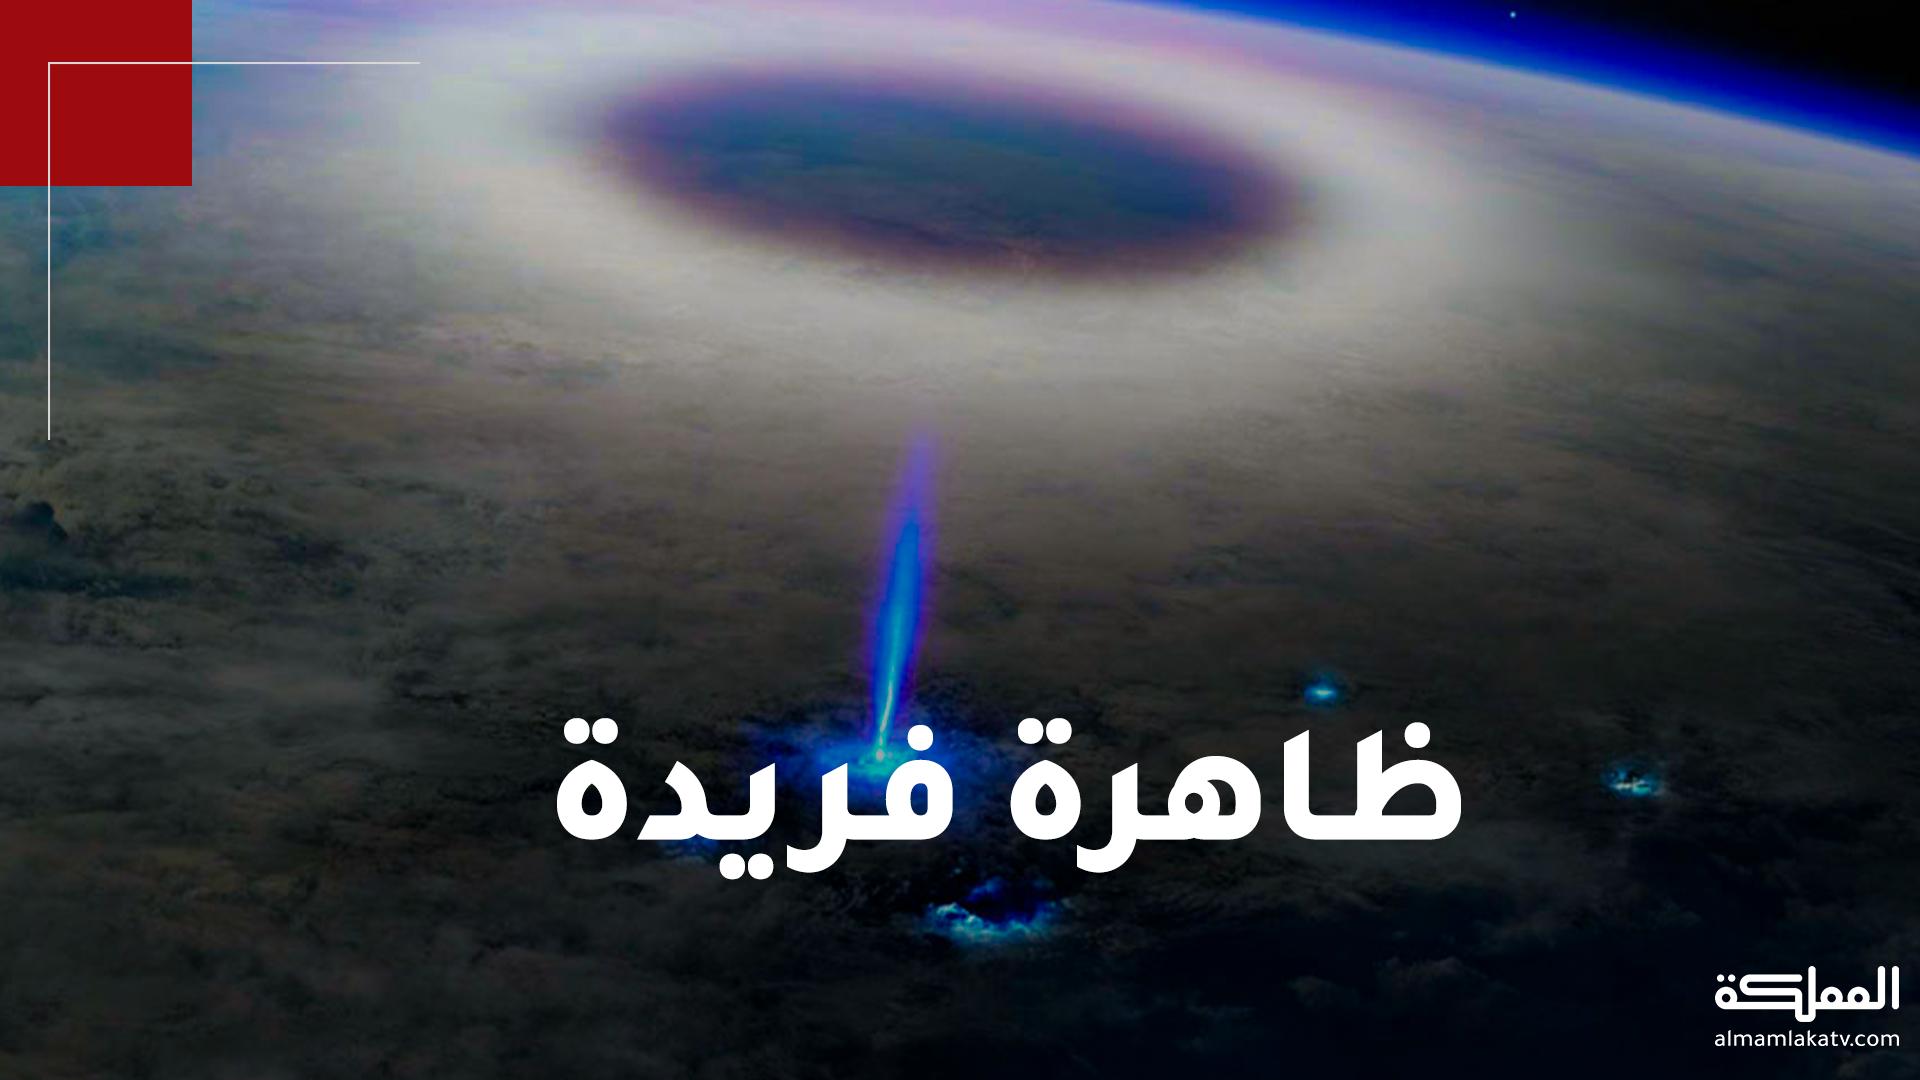 سحب رعدية تنطلق نحو الفضاء.. محطة الفضاء الدولية ترصد الظاهرة الفريدة